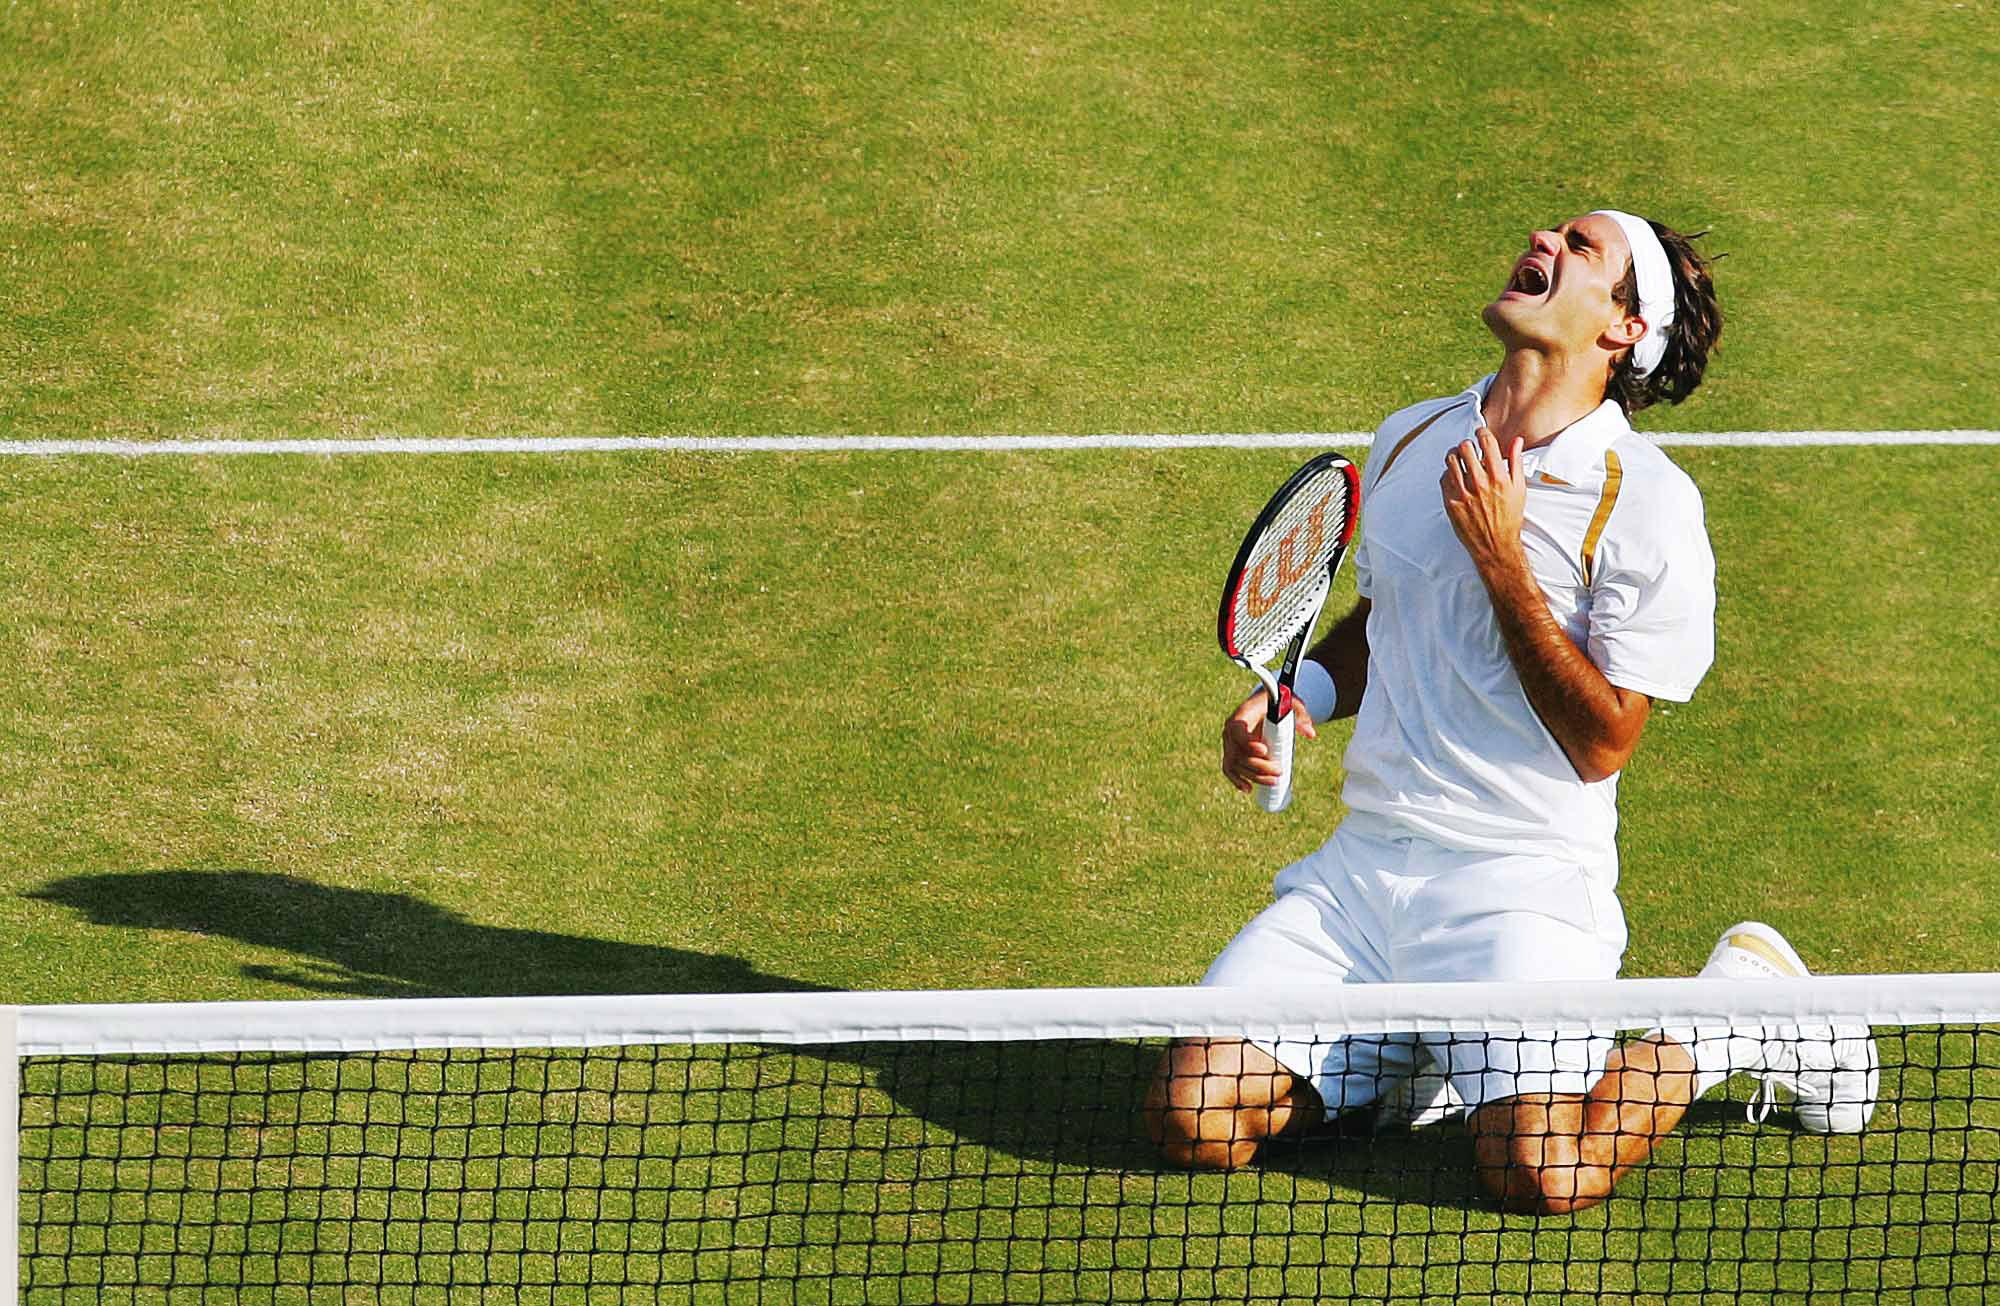 Роджър Федерер - рекордите, които едва ли скоро ще бъдат подобрени